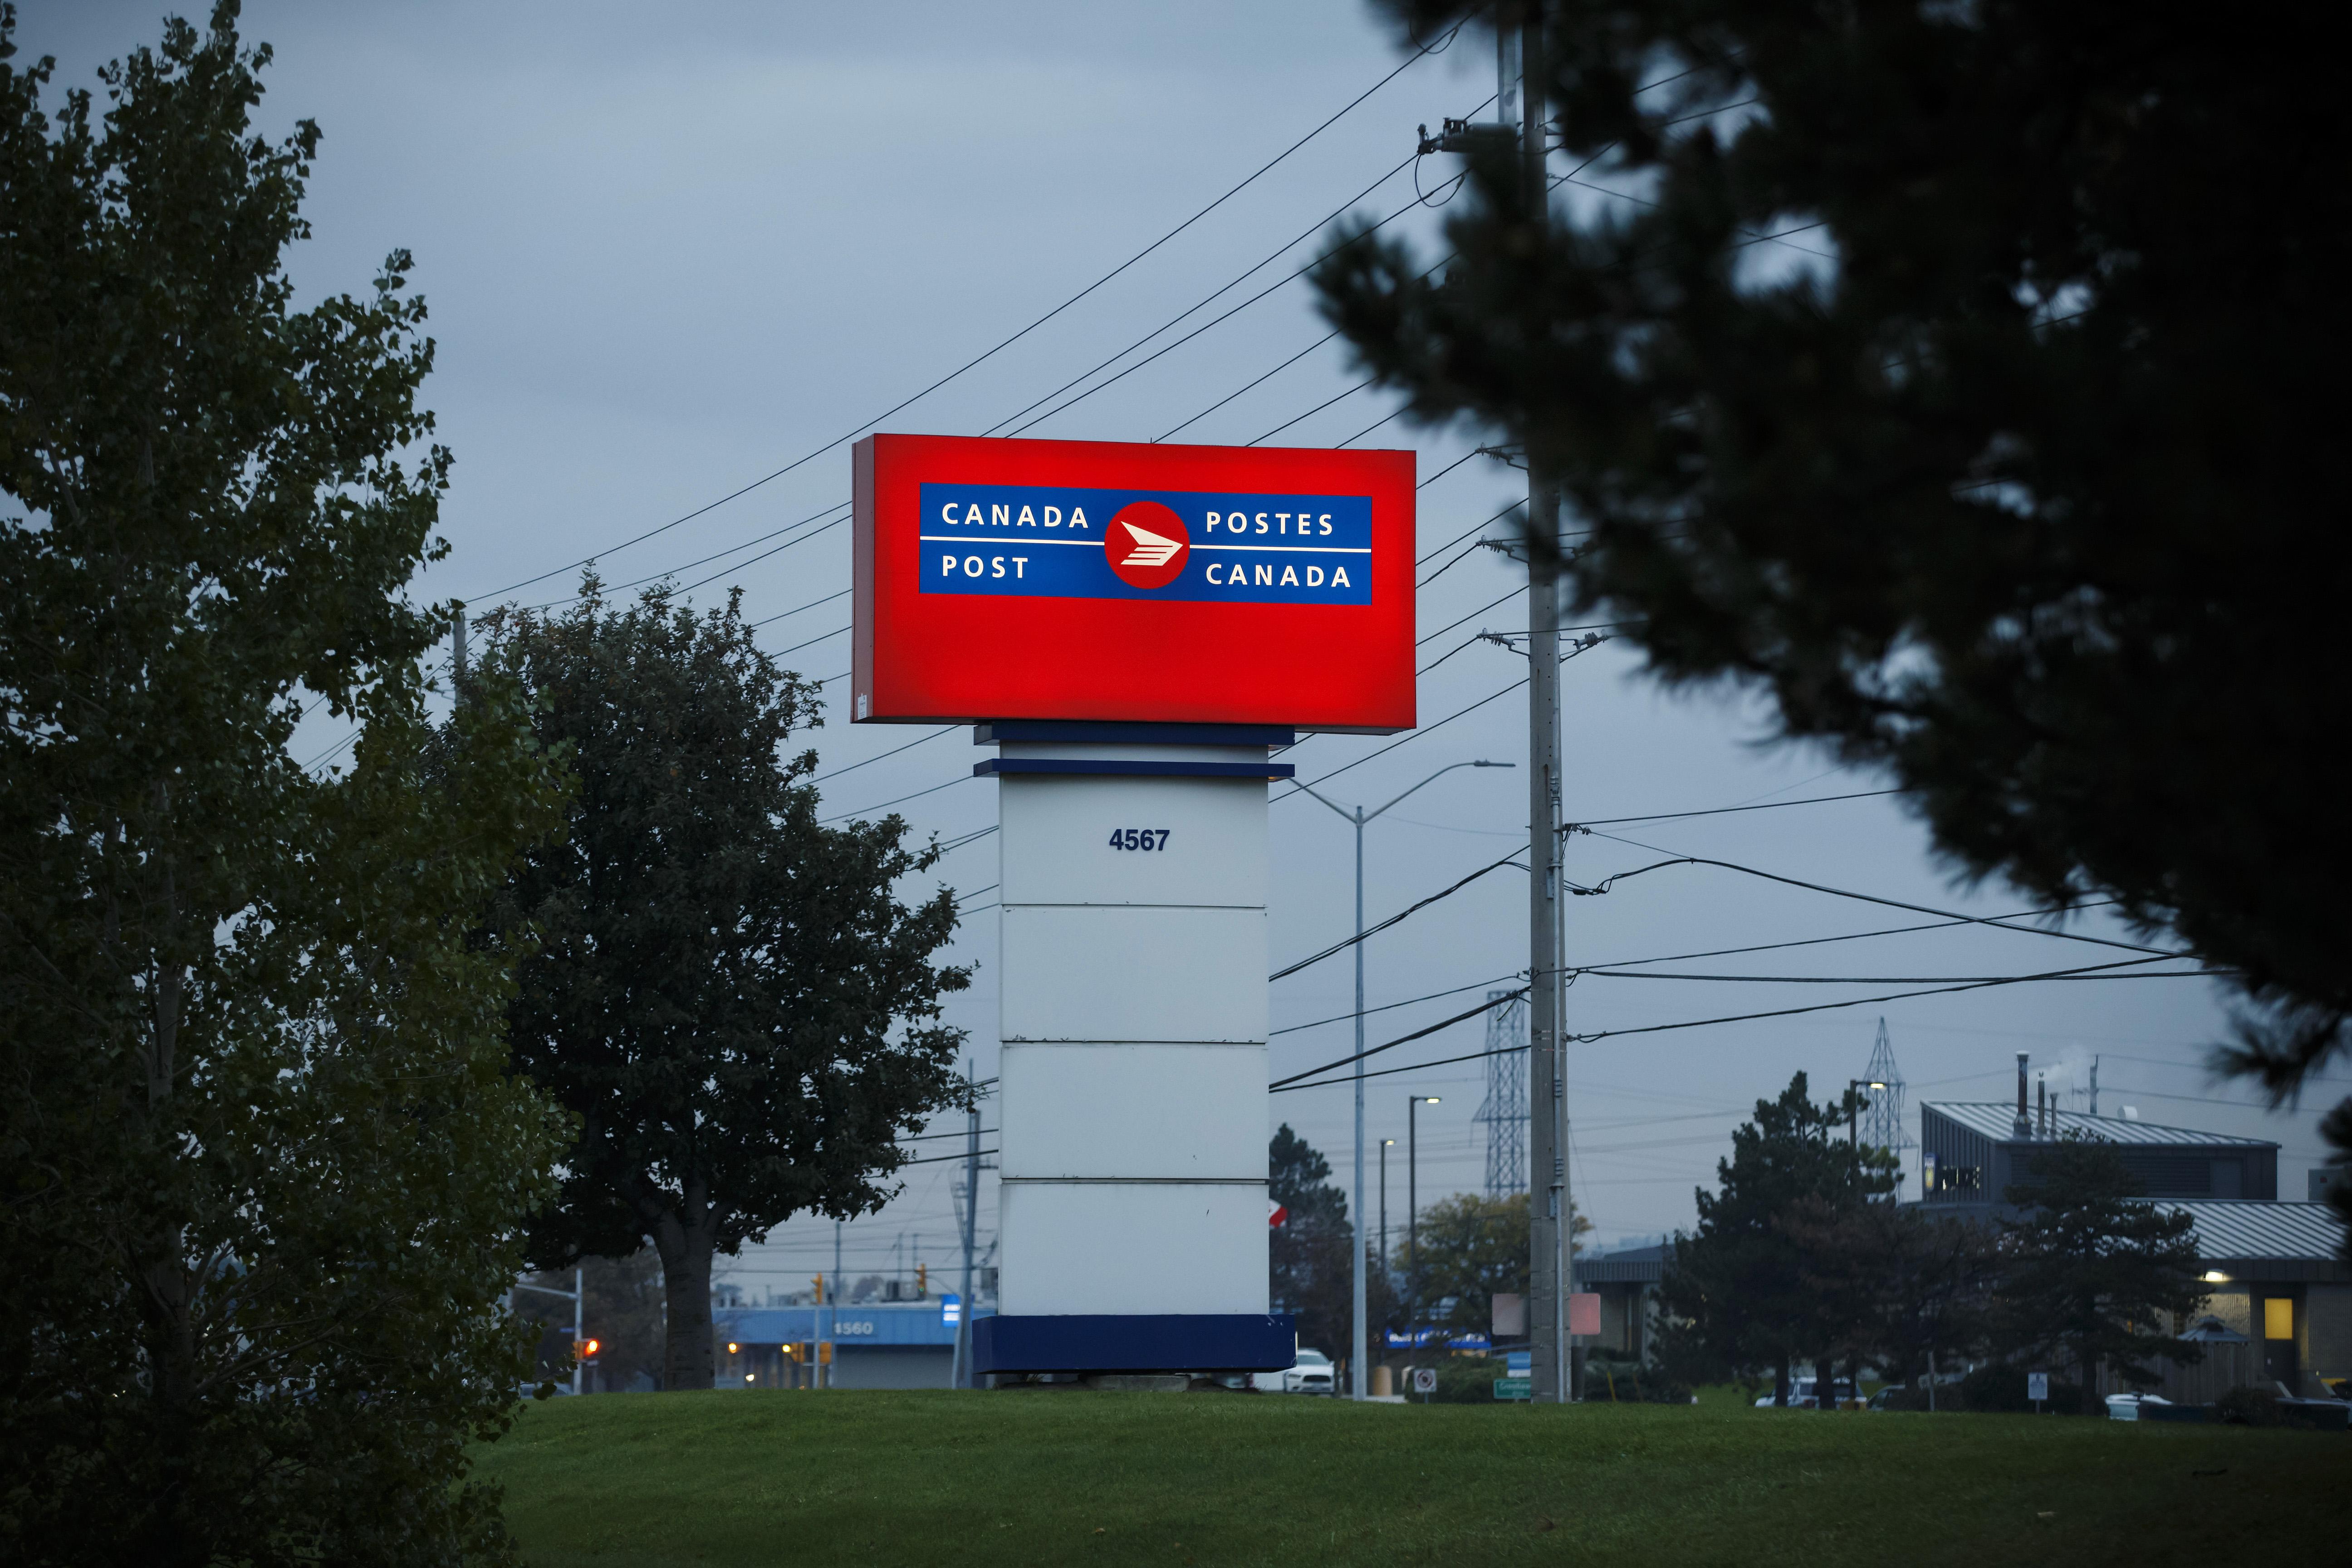 Le syndicat de Postes Canada veut un